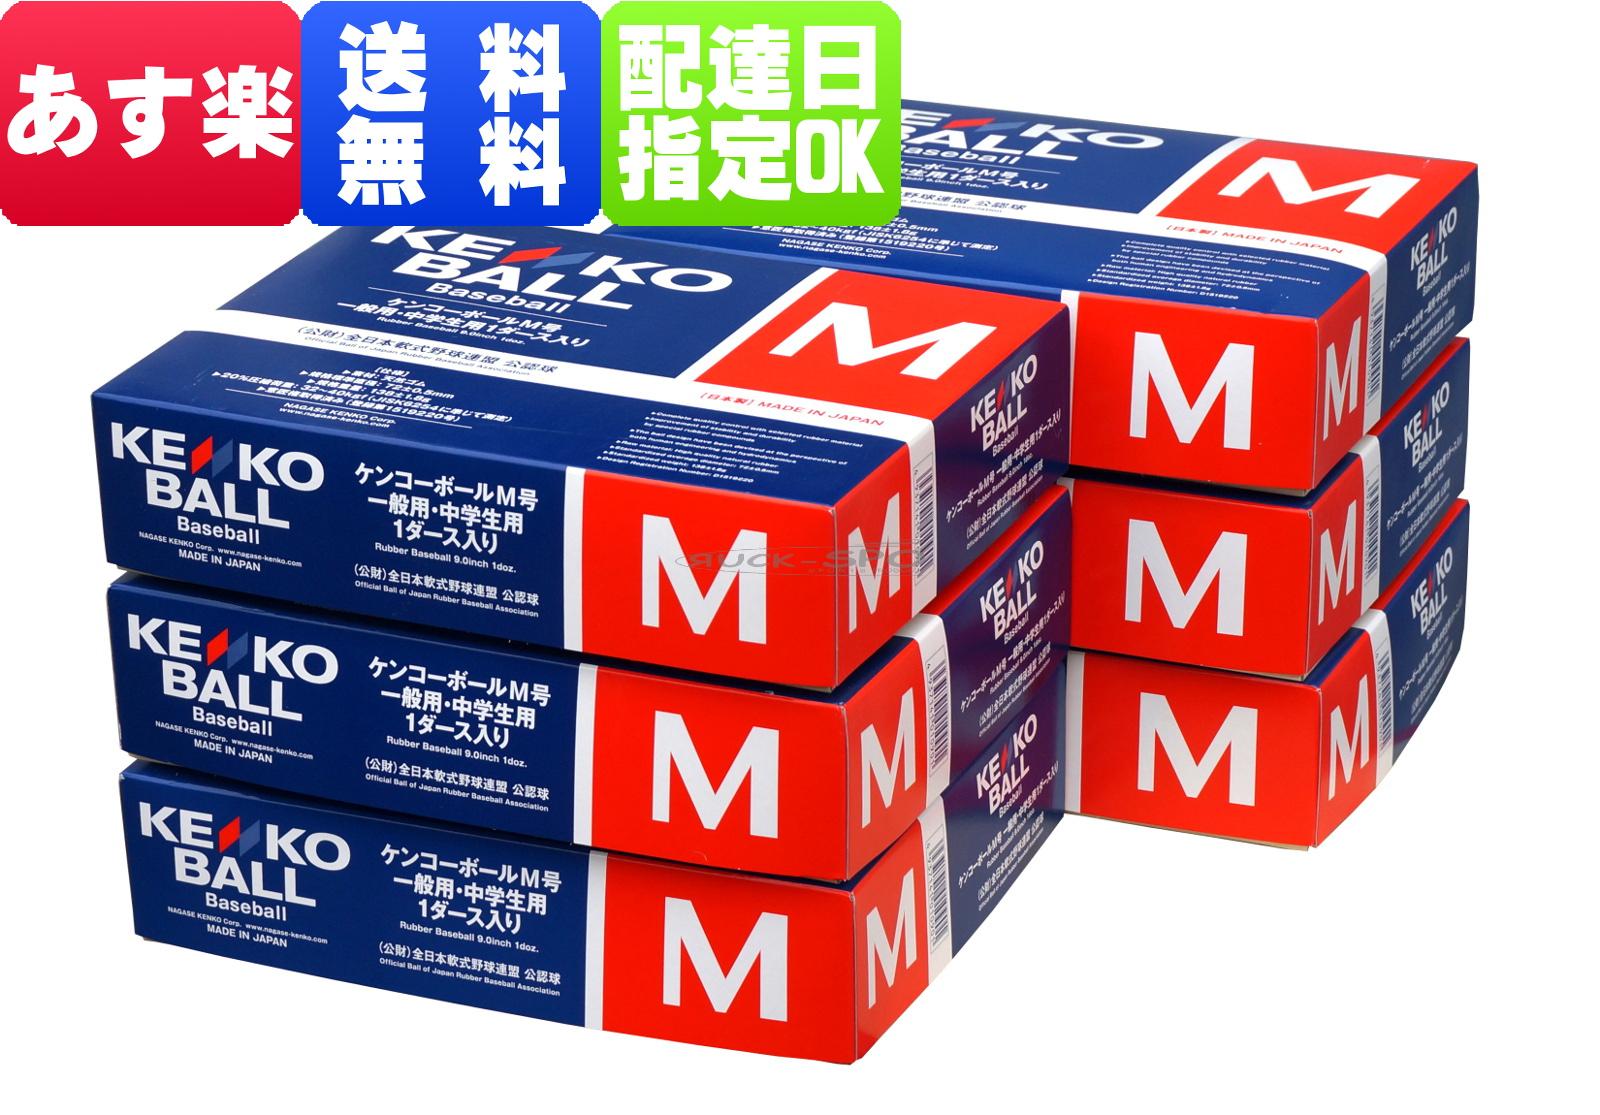 軟式野球ボールM号 ケンコーボール公認球 72個 6ダース入りM-6DZ 送料無料 あす楽 KENKO